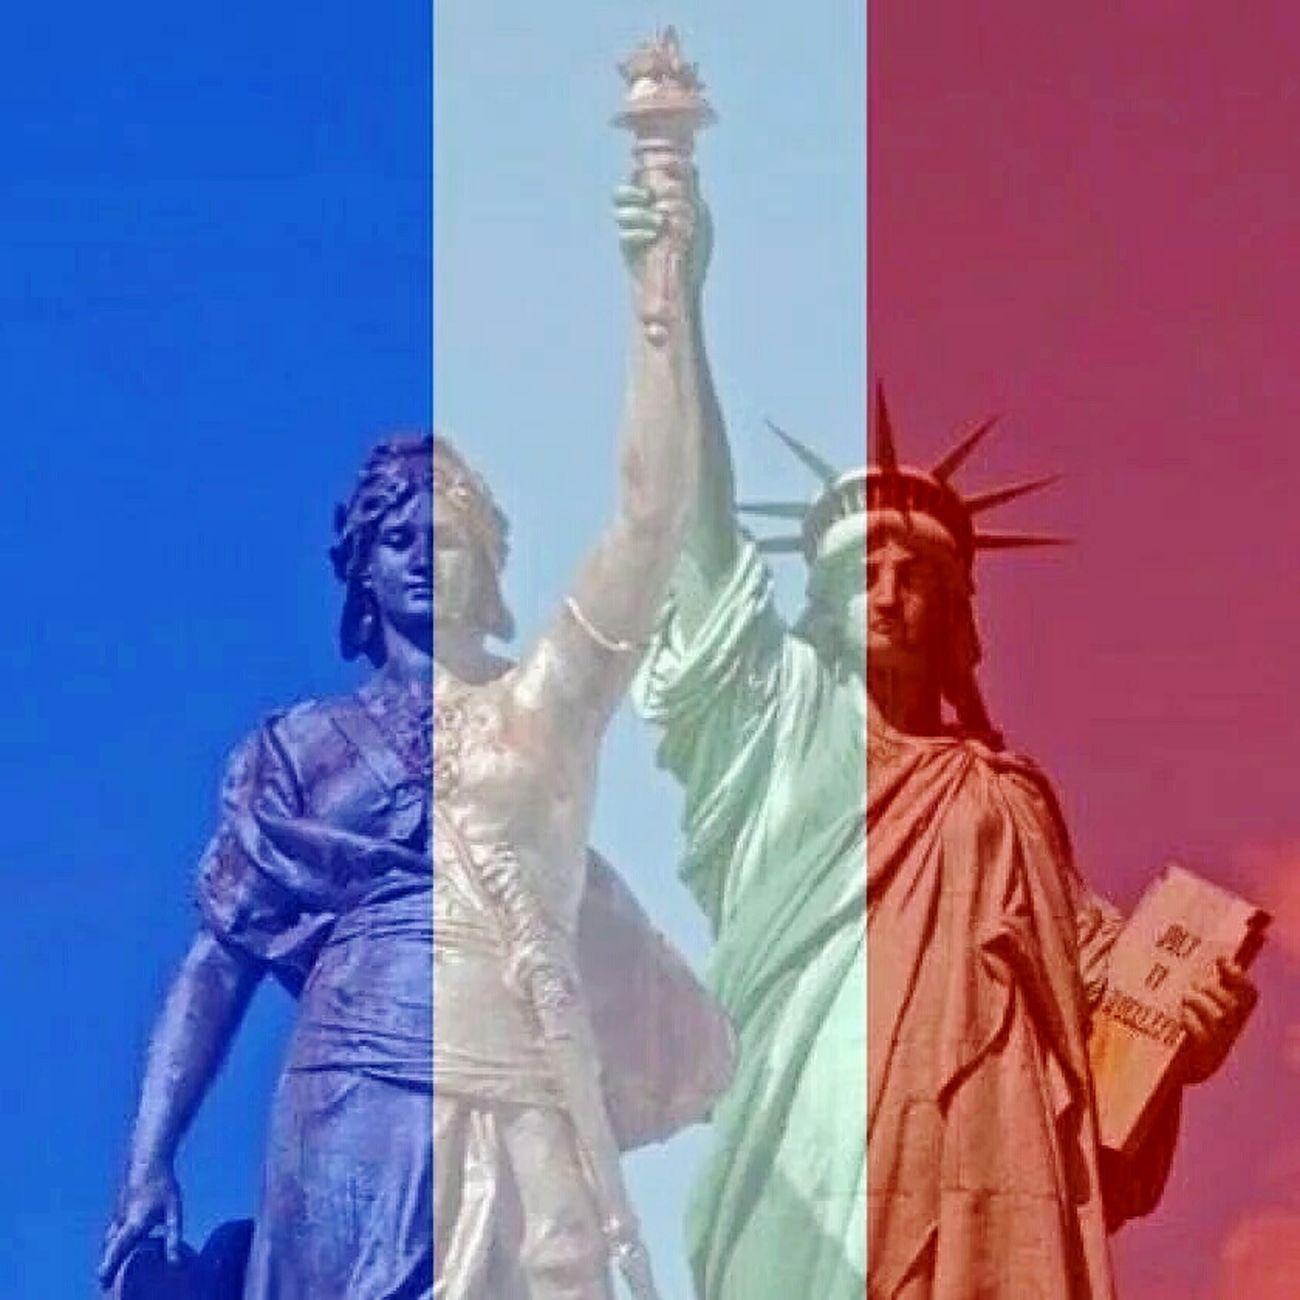 Peace4paris ParisAttacks